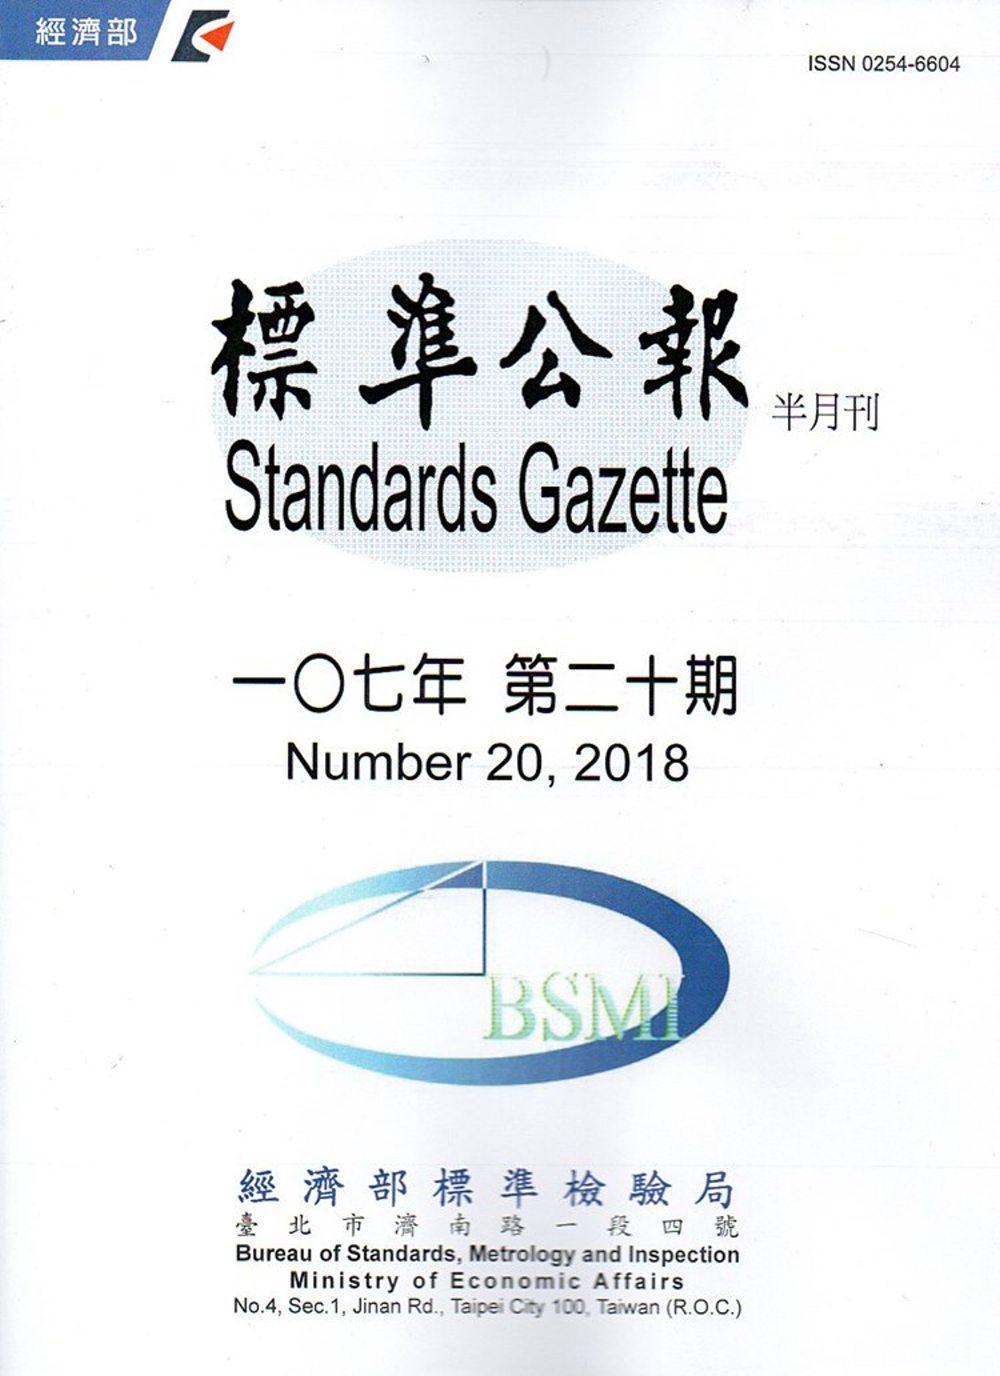 標準公報半月刊107年 第二十期